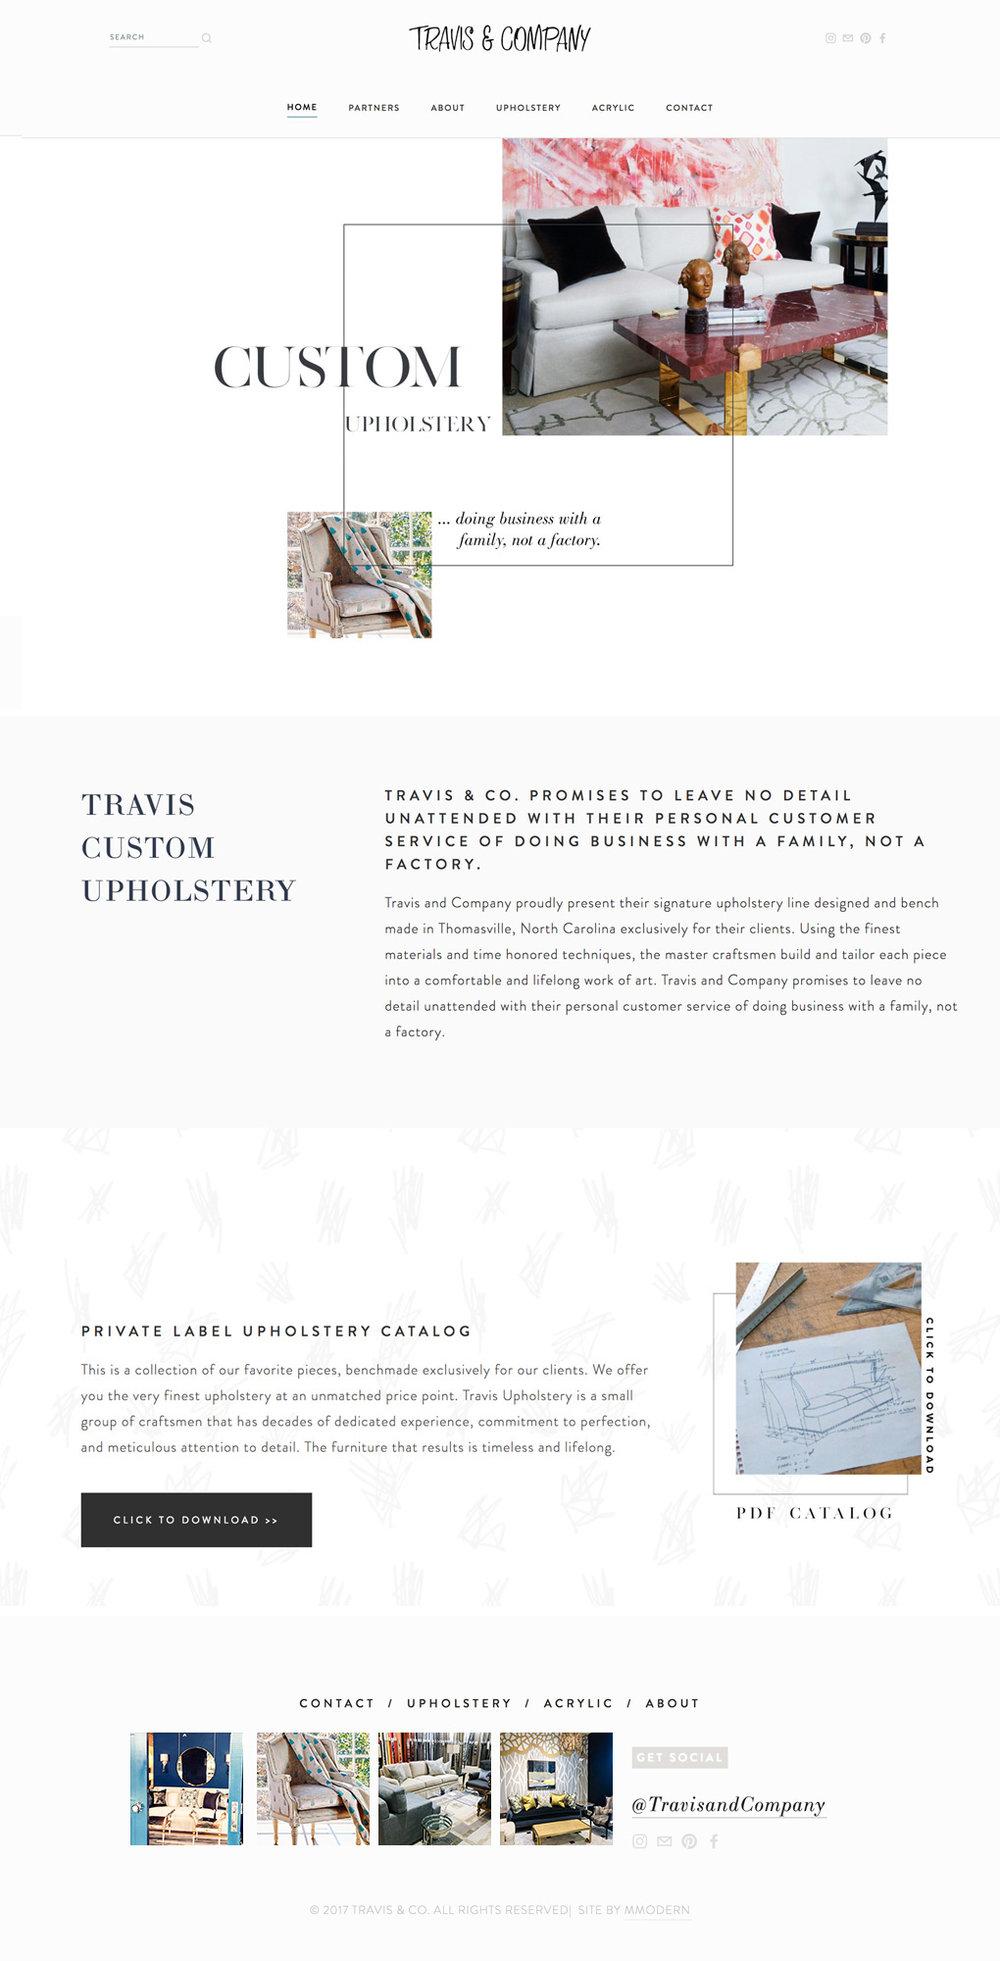 travis-page-3.jpg